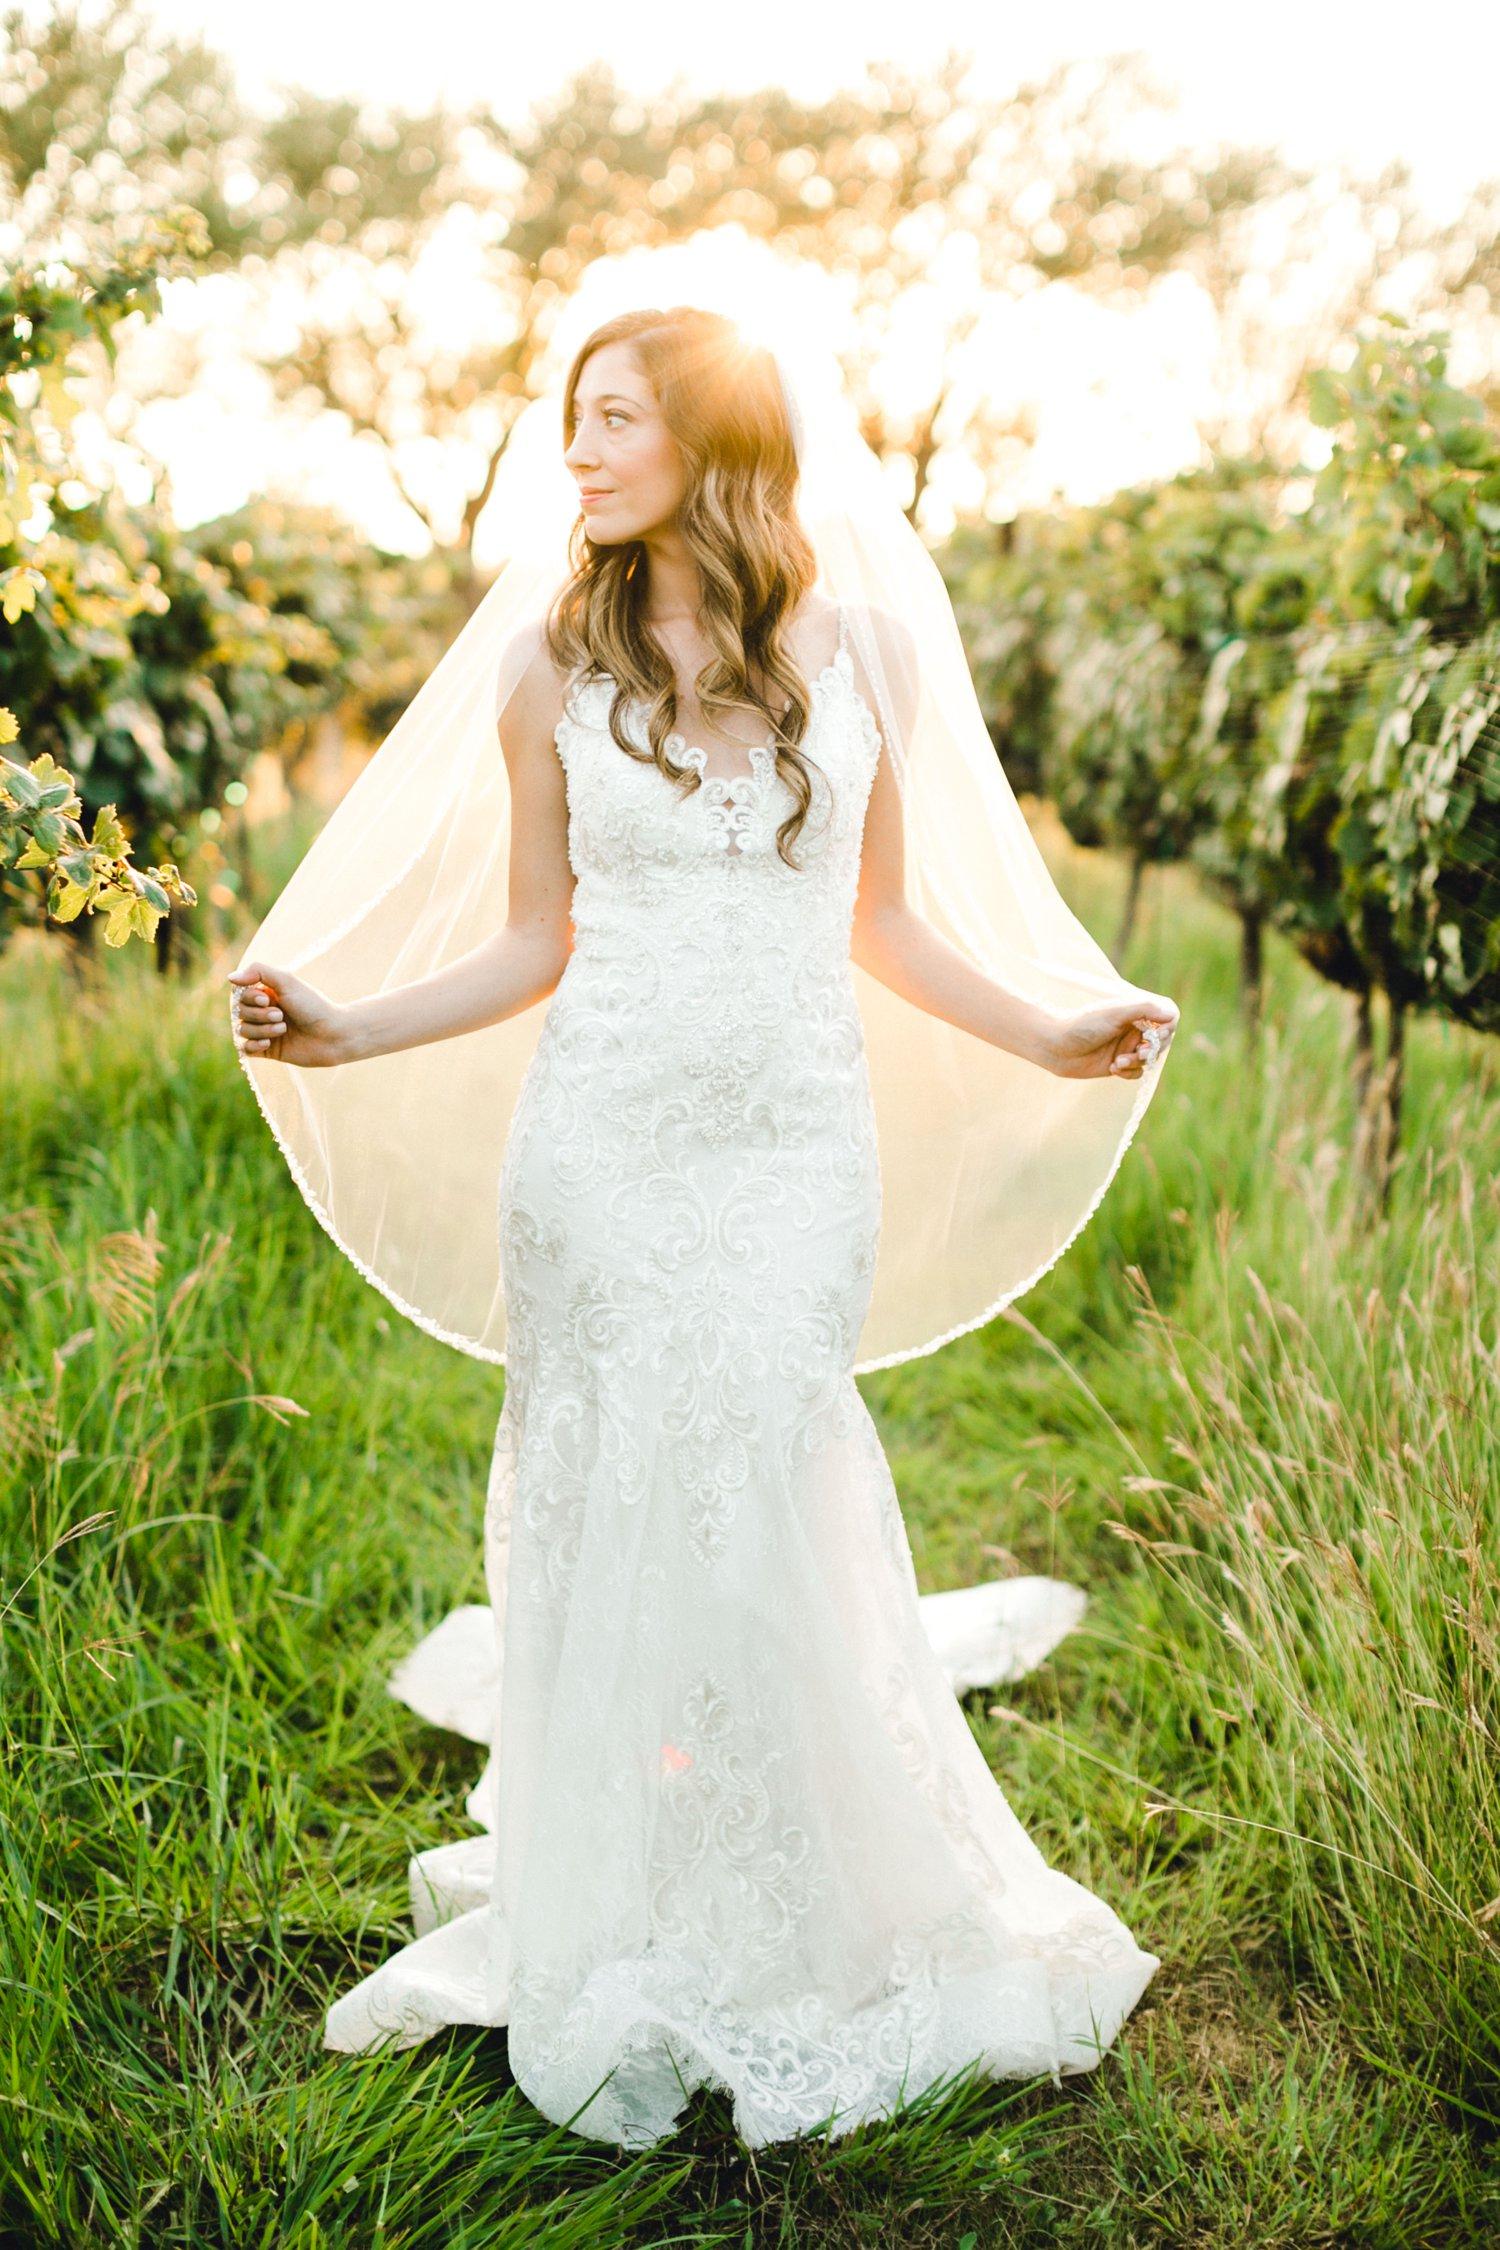 Ashley_Parr_Bridals_ALLEEJ_caprock_winery_romantic_elegant0025.jpg